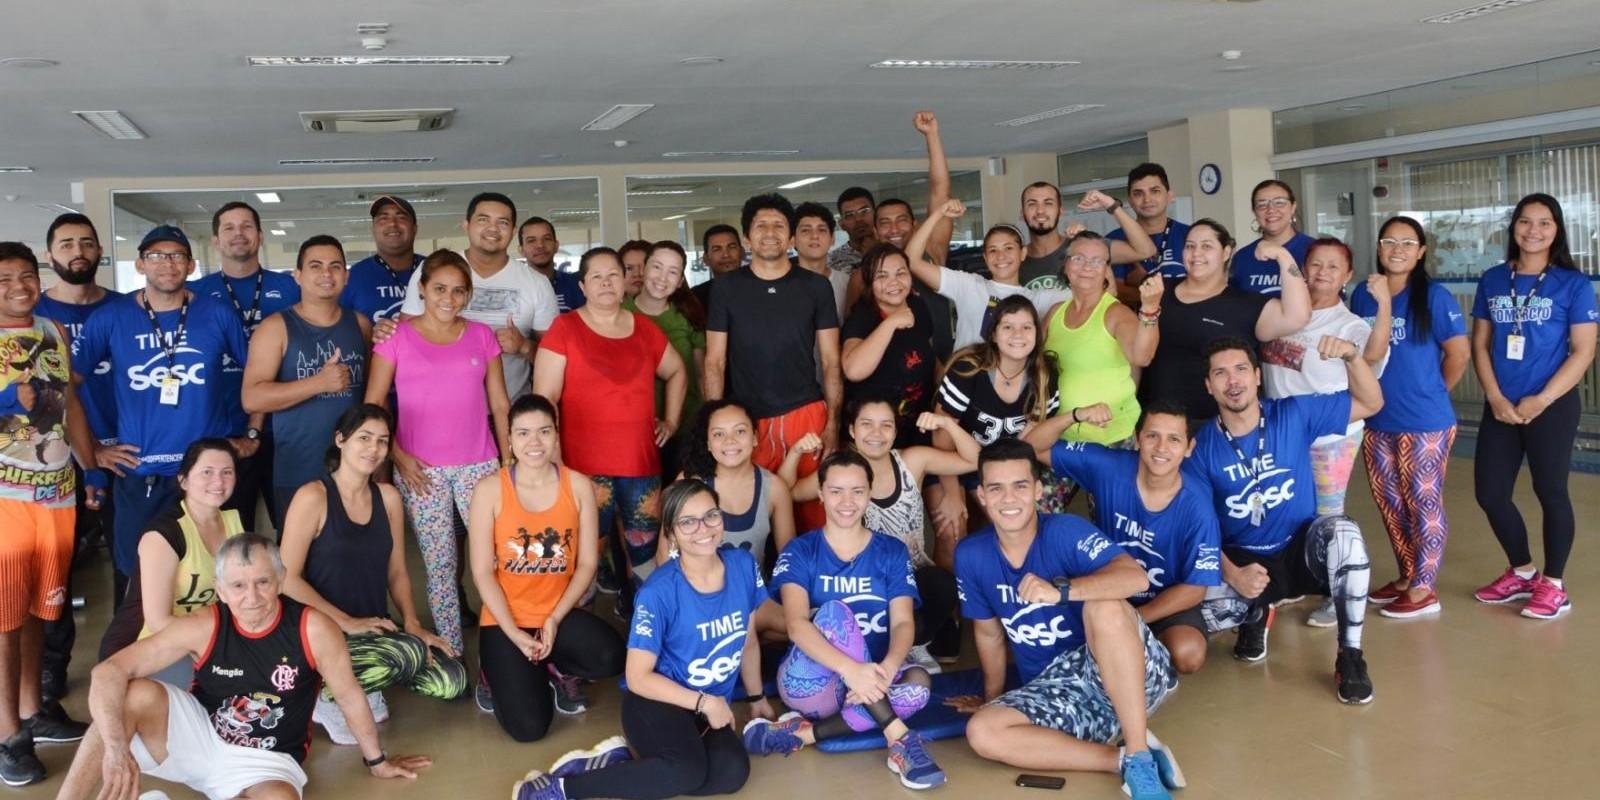 Maratona Fitness Sesc Centro